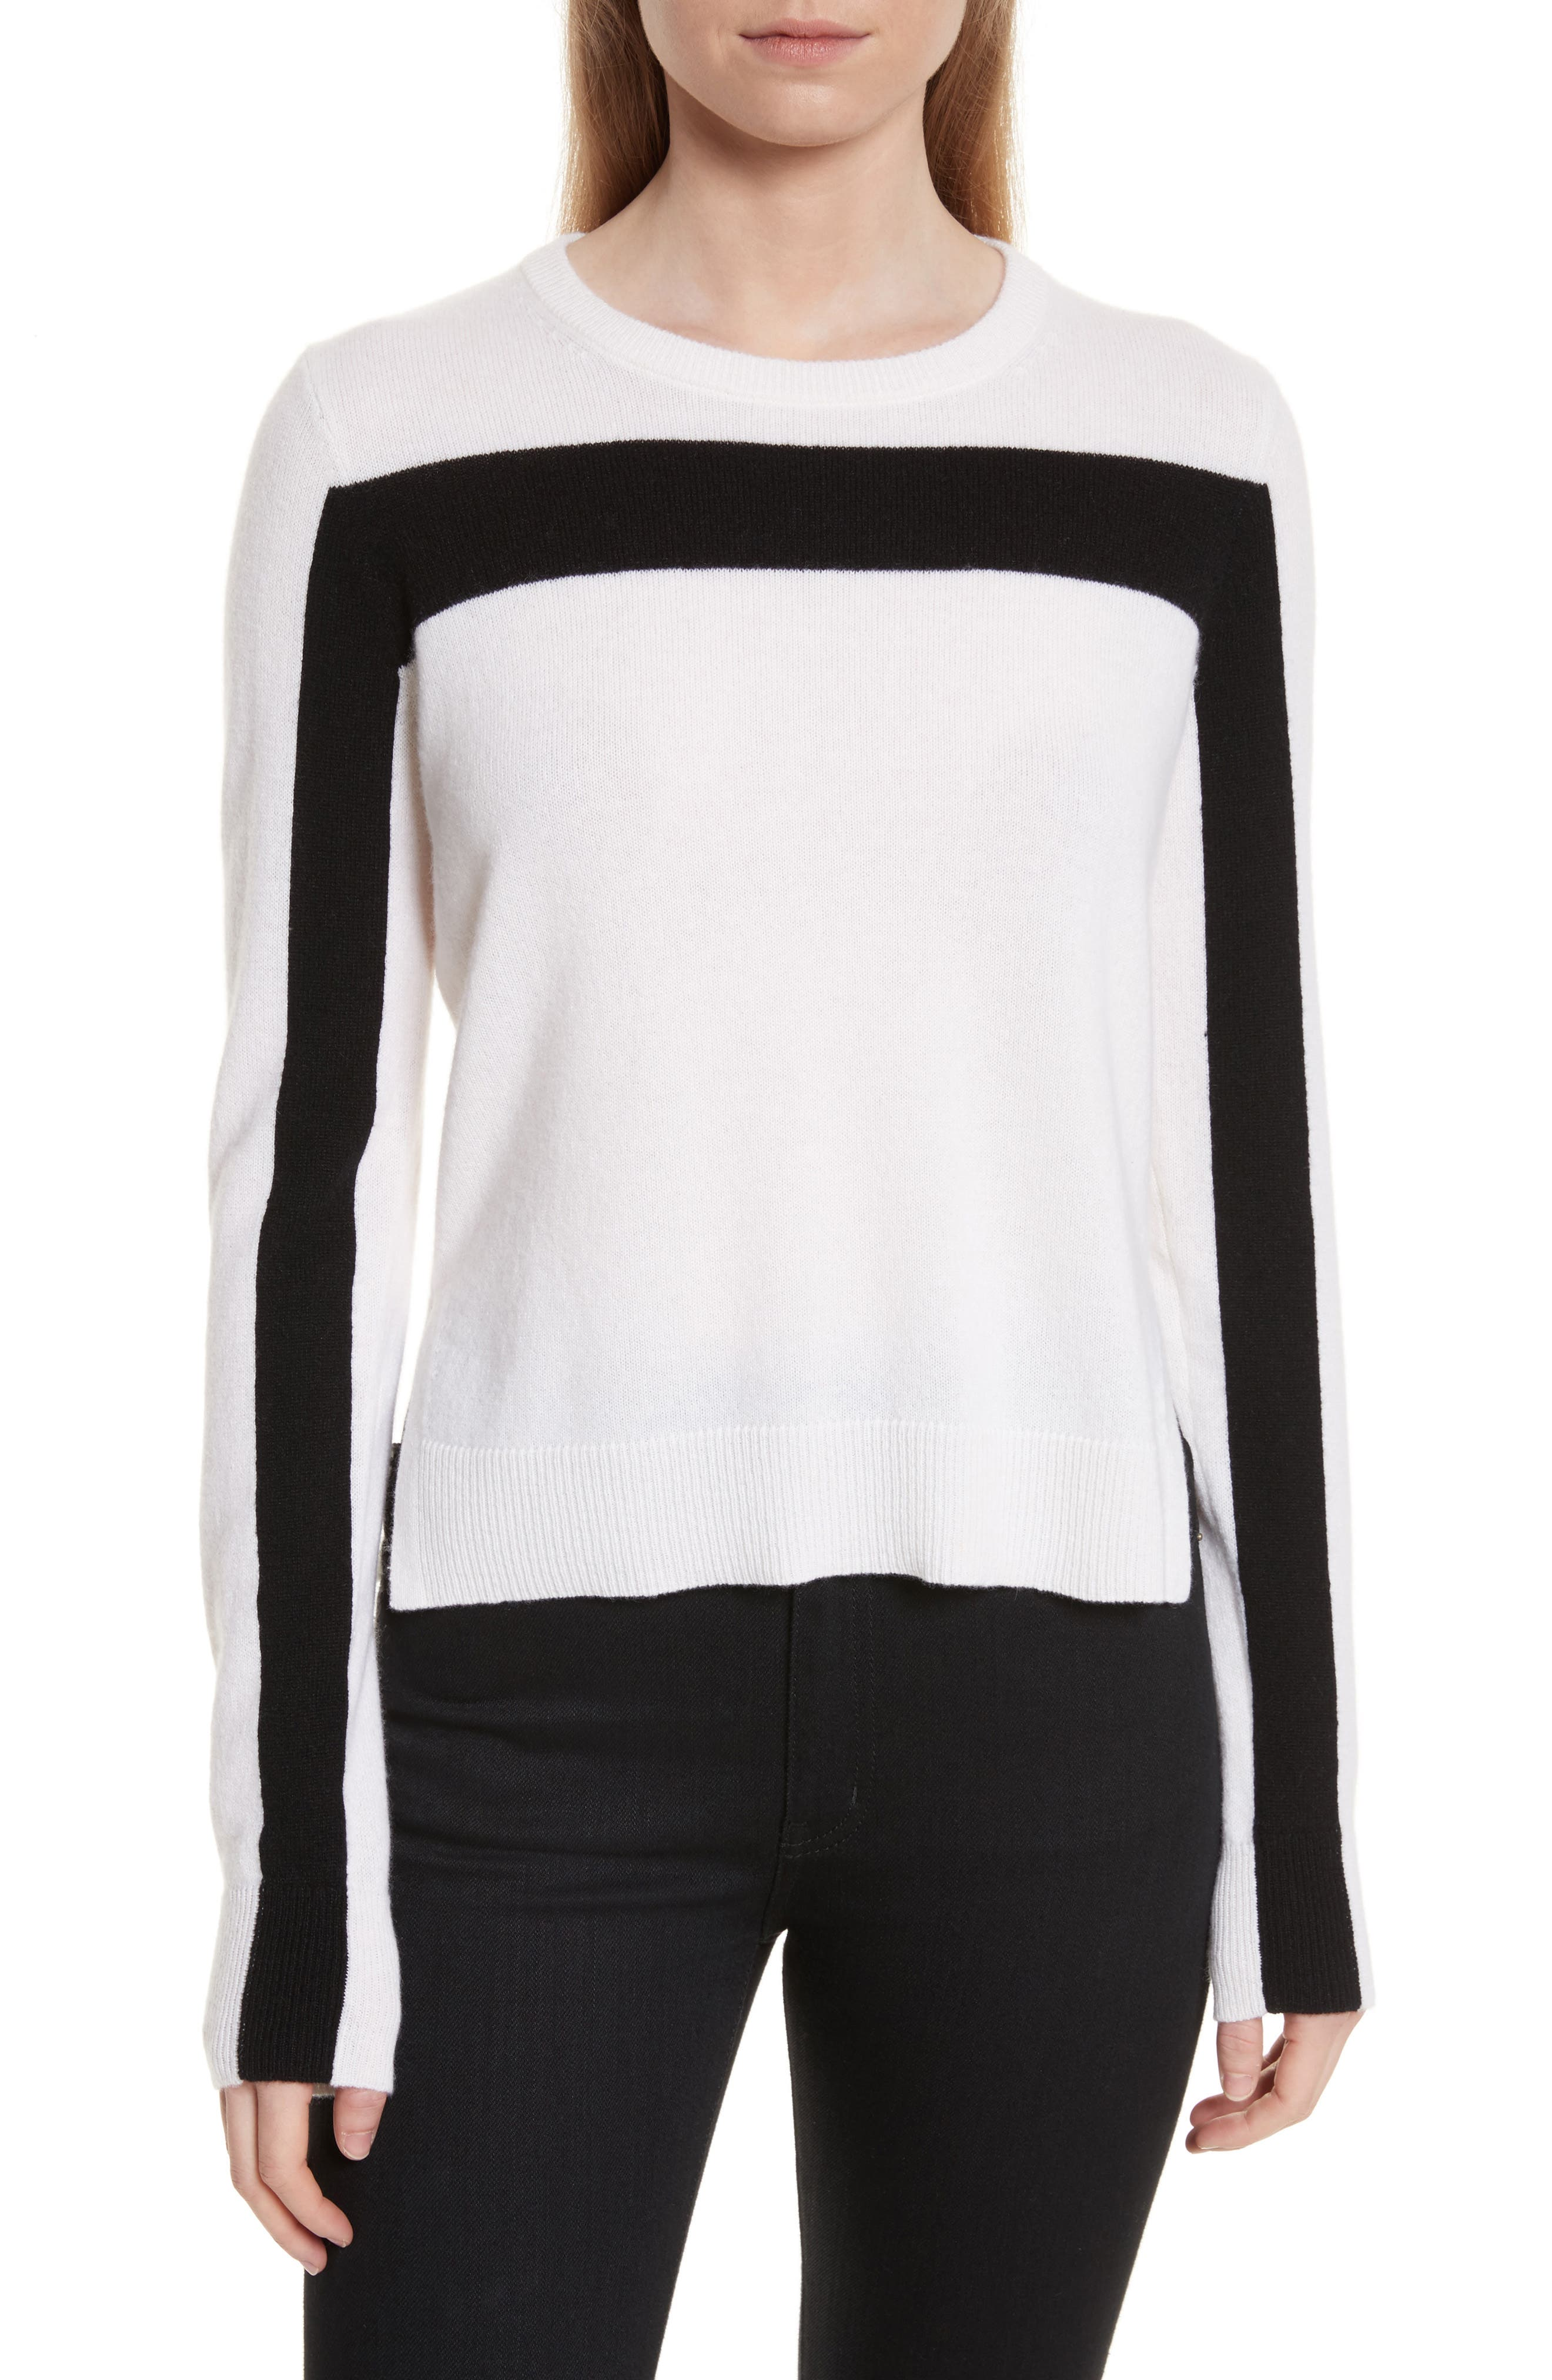 Main Image - Equipment Shirley Cashmere Sweater